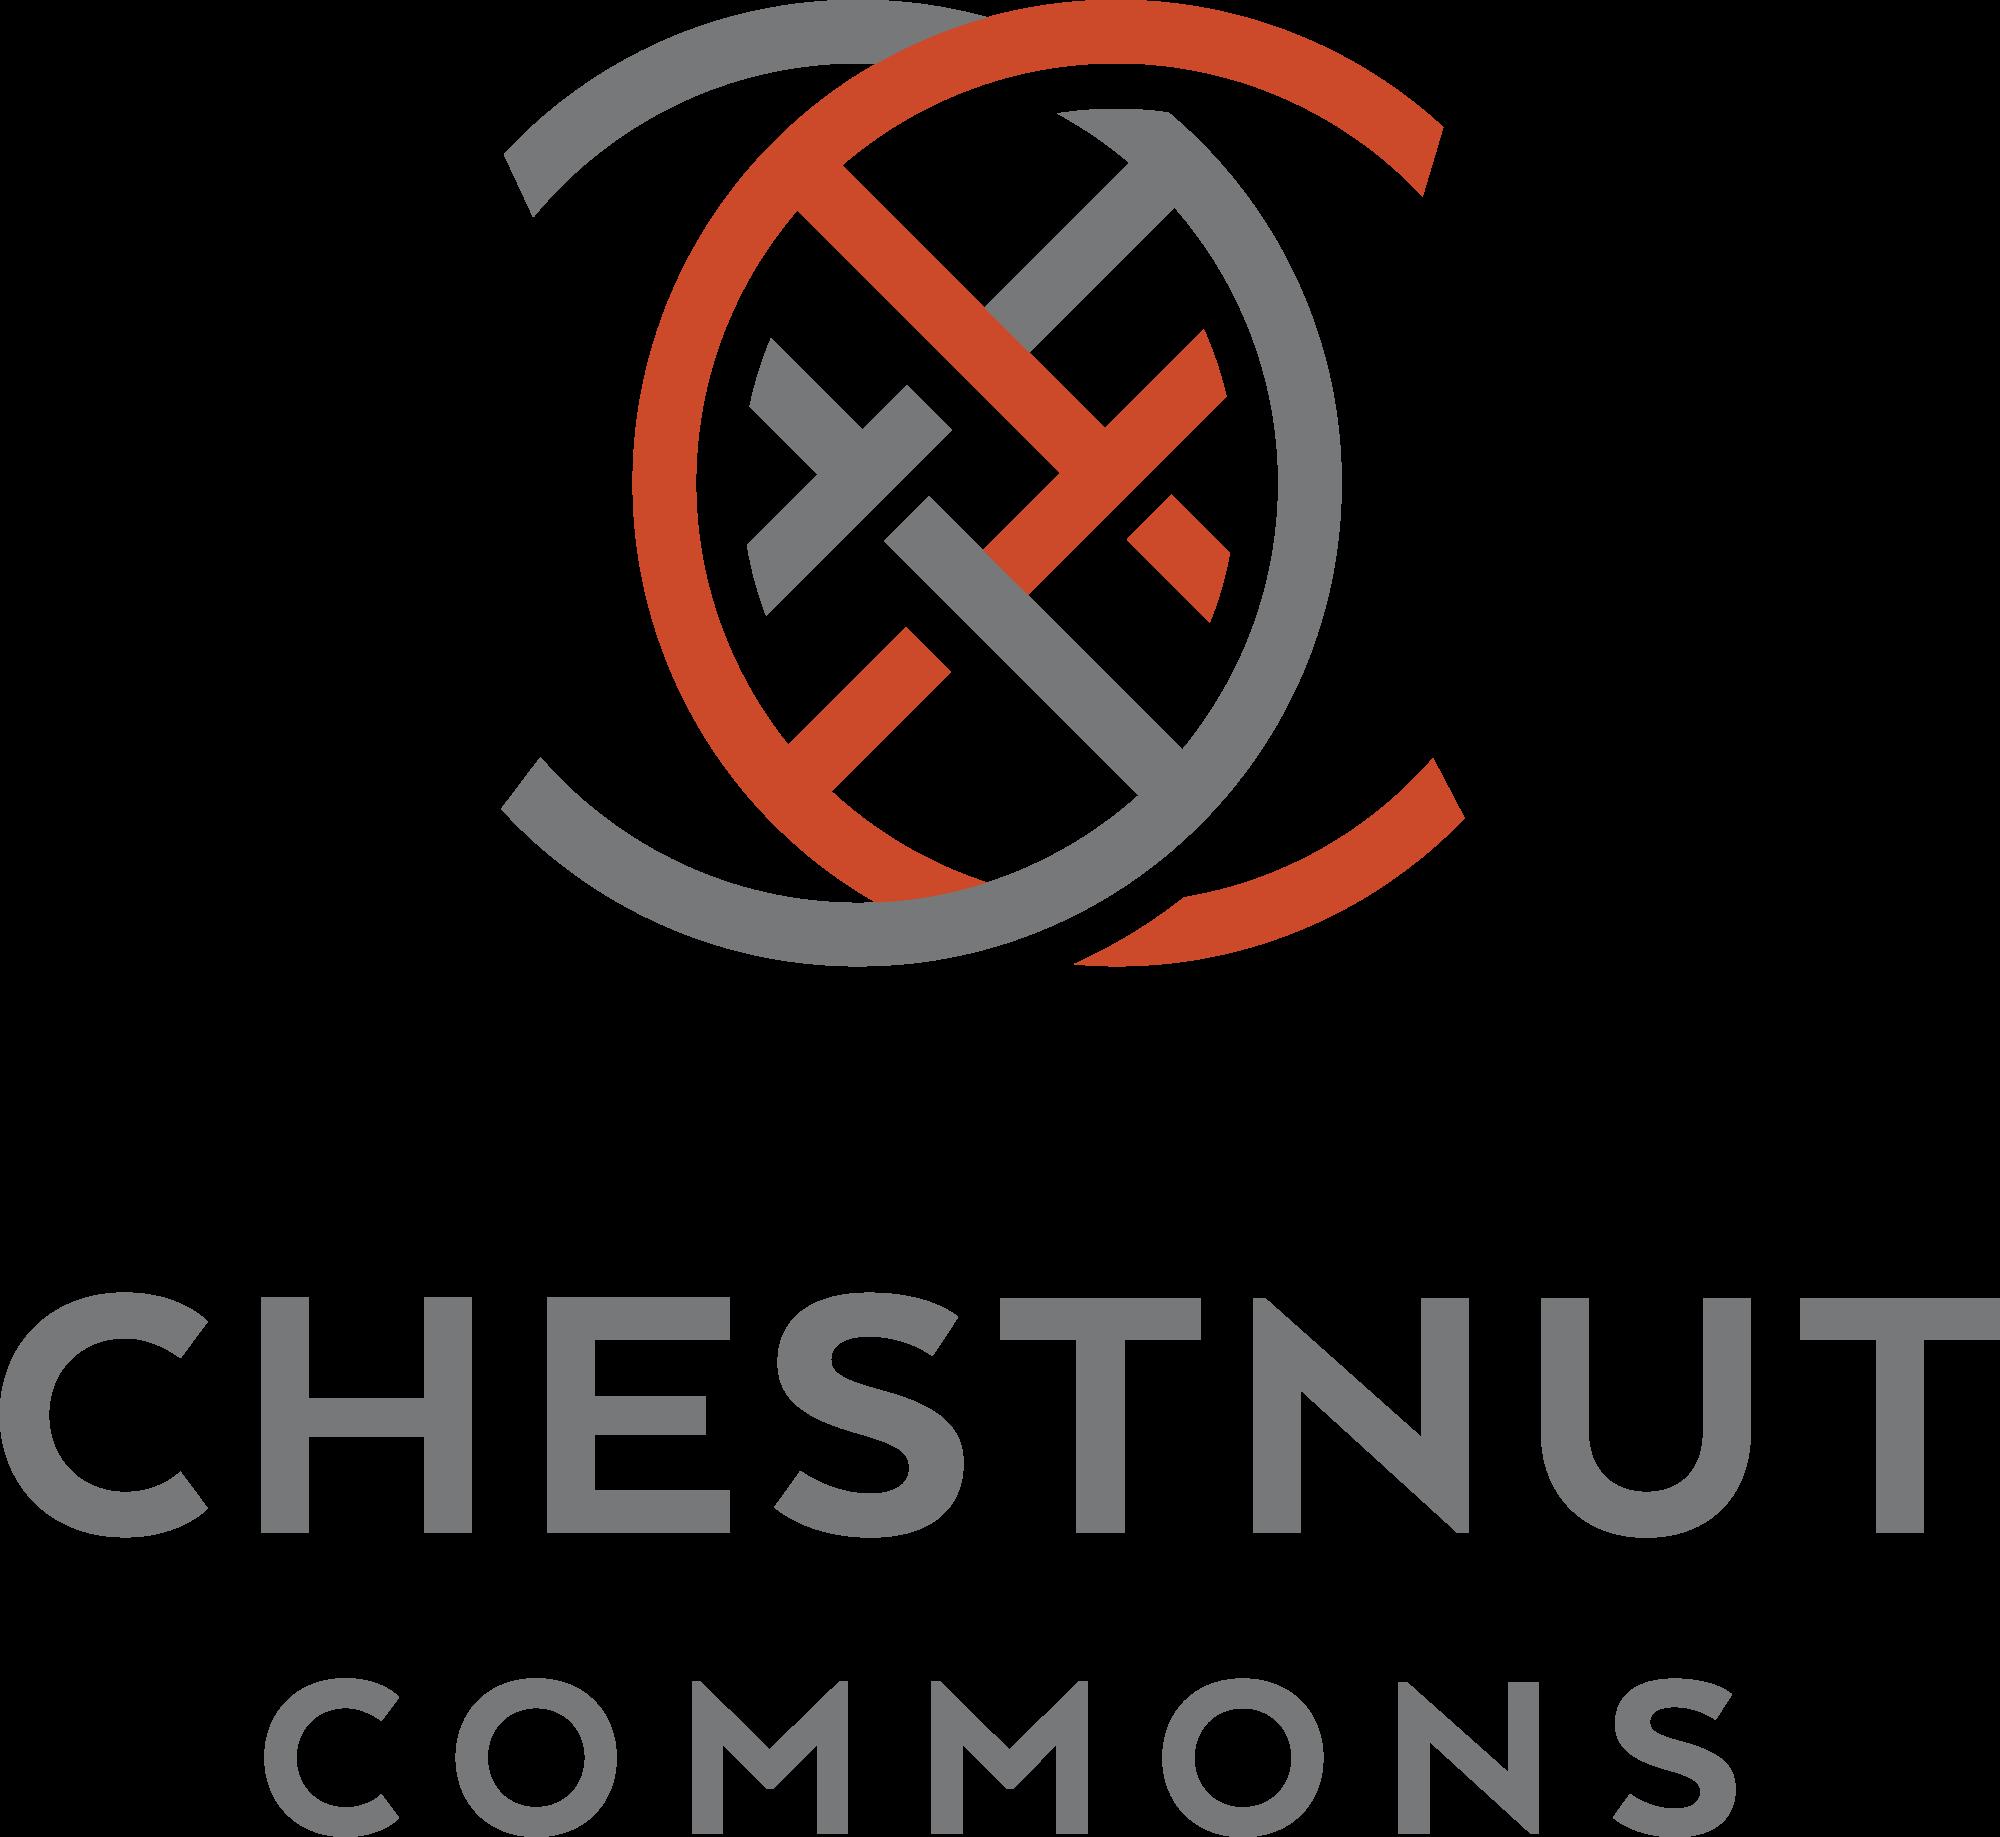 Chestnut Commons logo